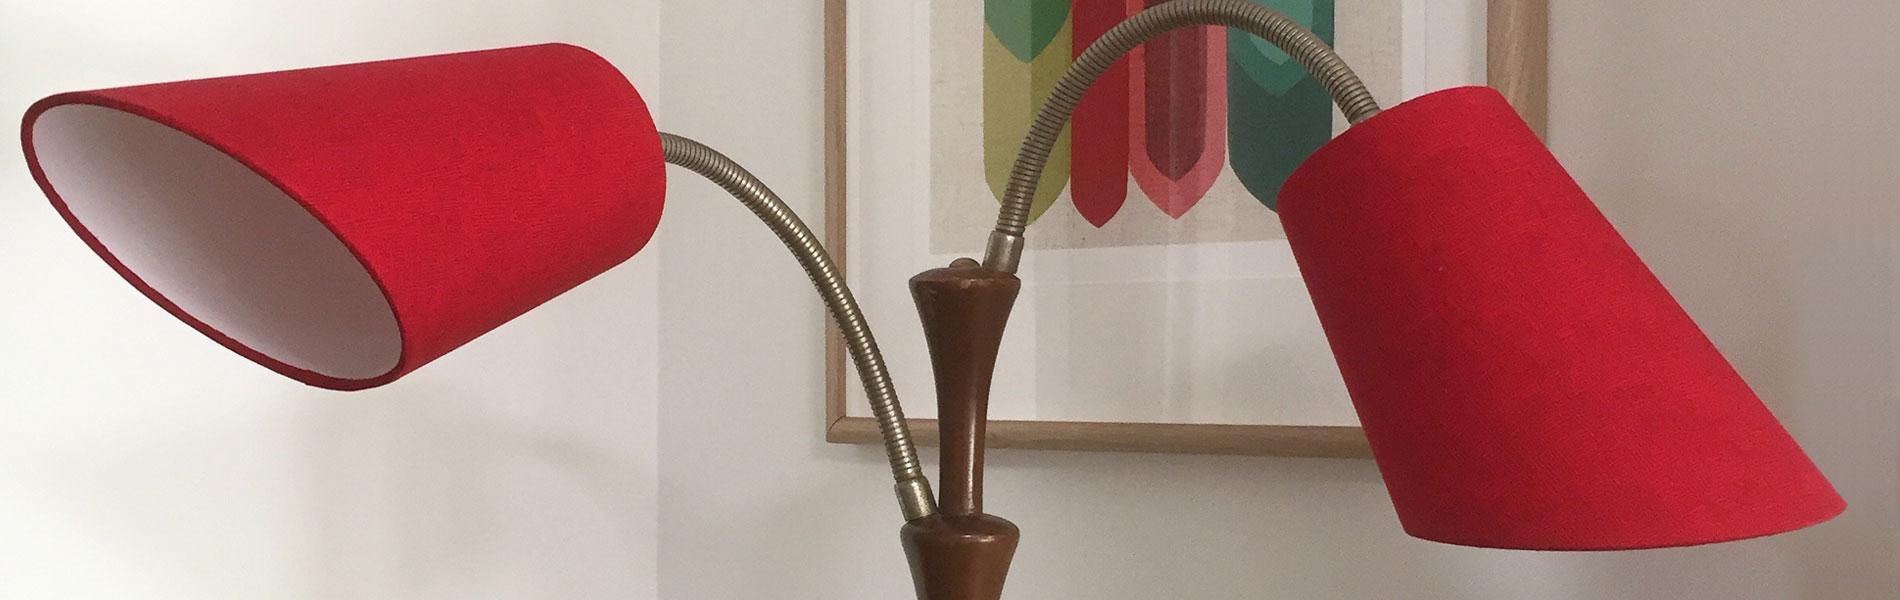 We custom make amazing lampshades